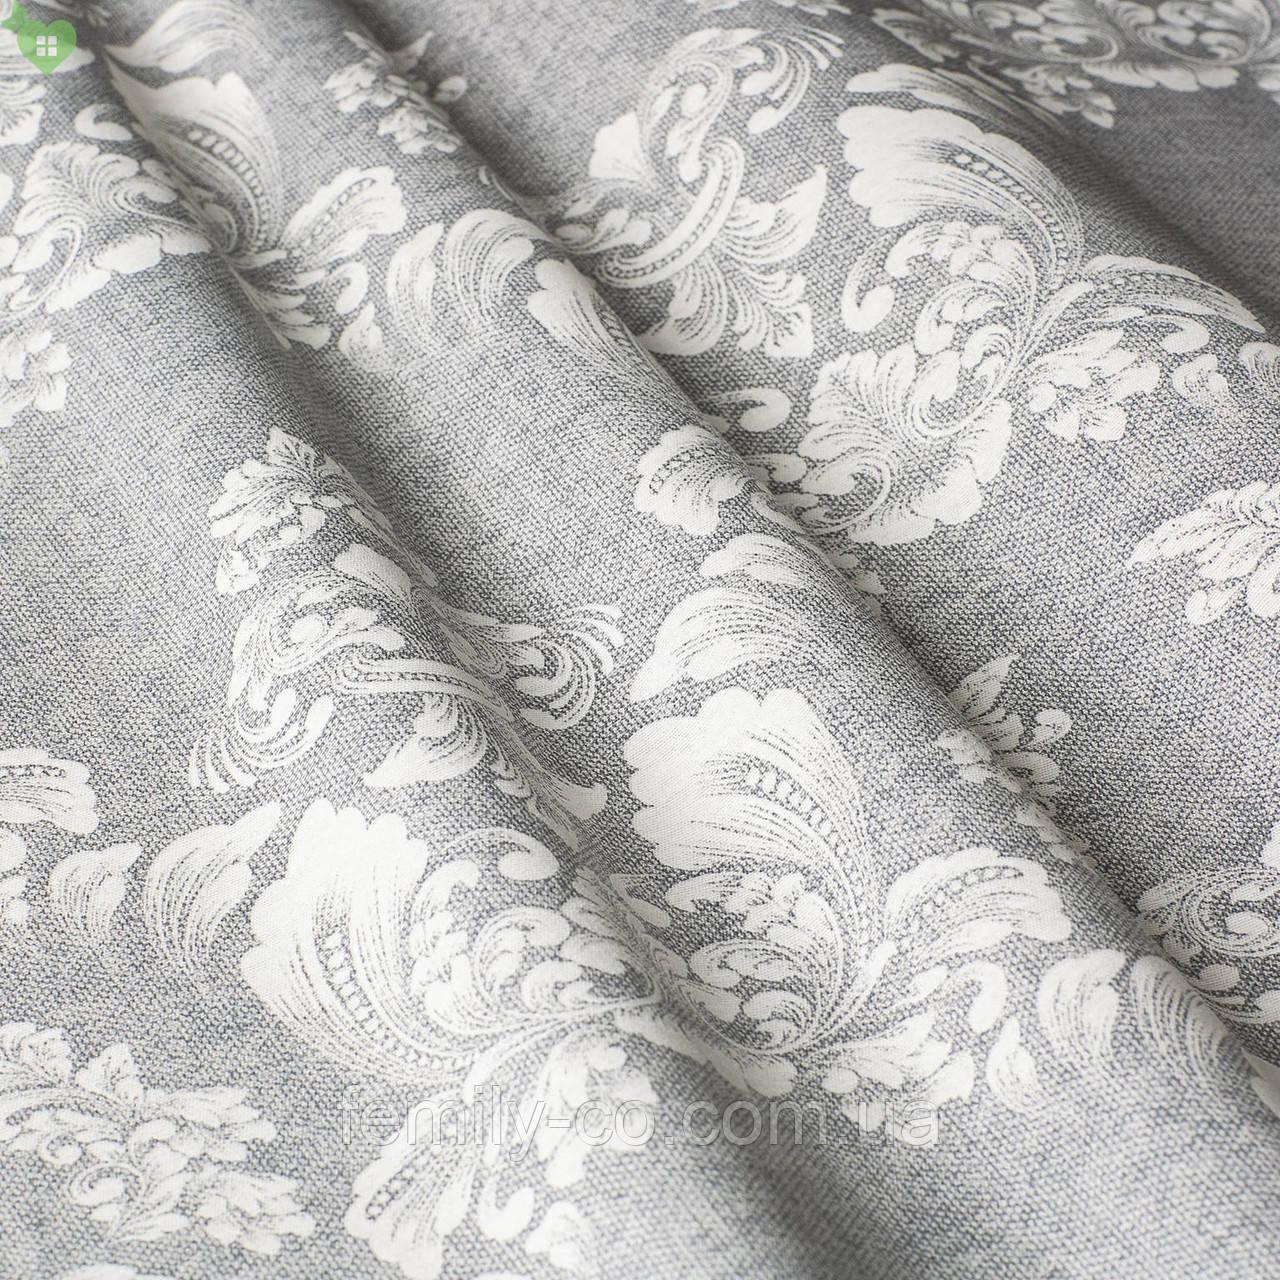 Декоративная ткань серо-сиреневого цвета с классическим орнаментом Испания 84241v1